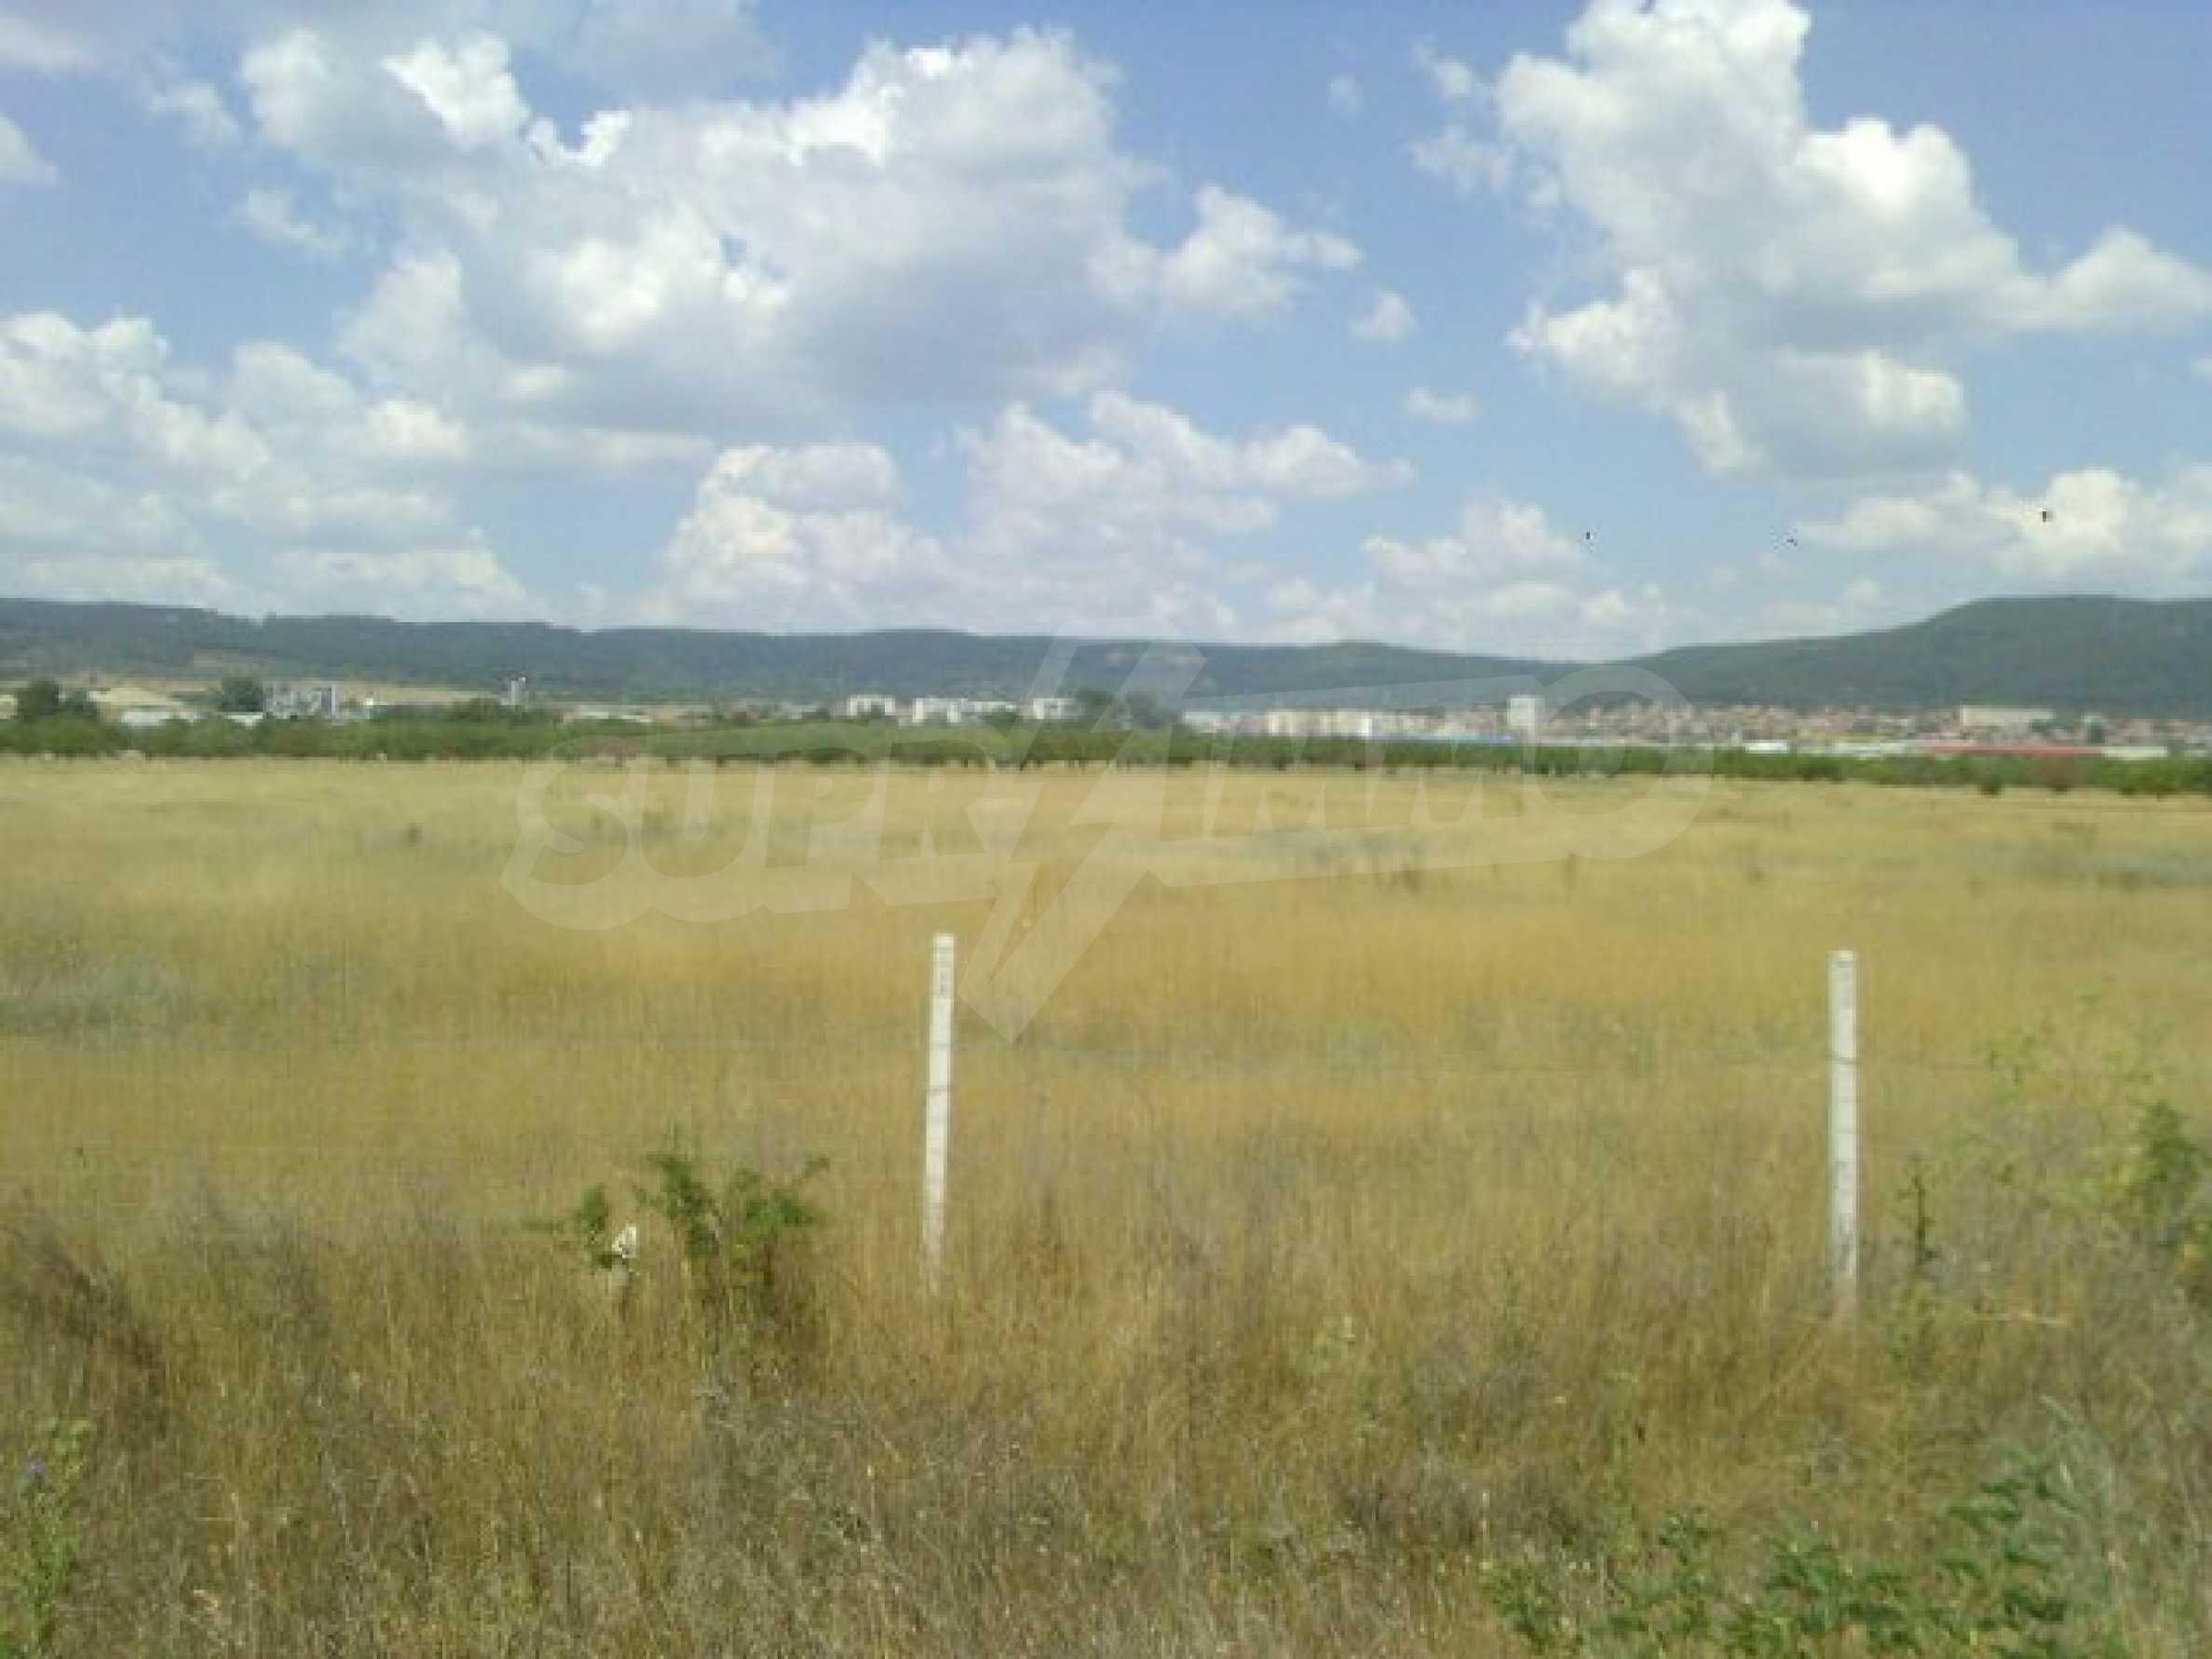 Участок сельскохозяйственной земли возле Варны